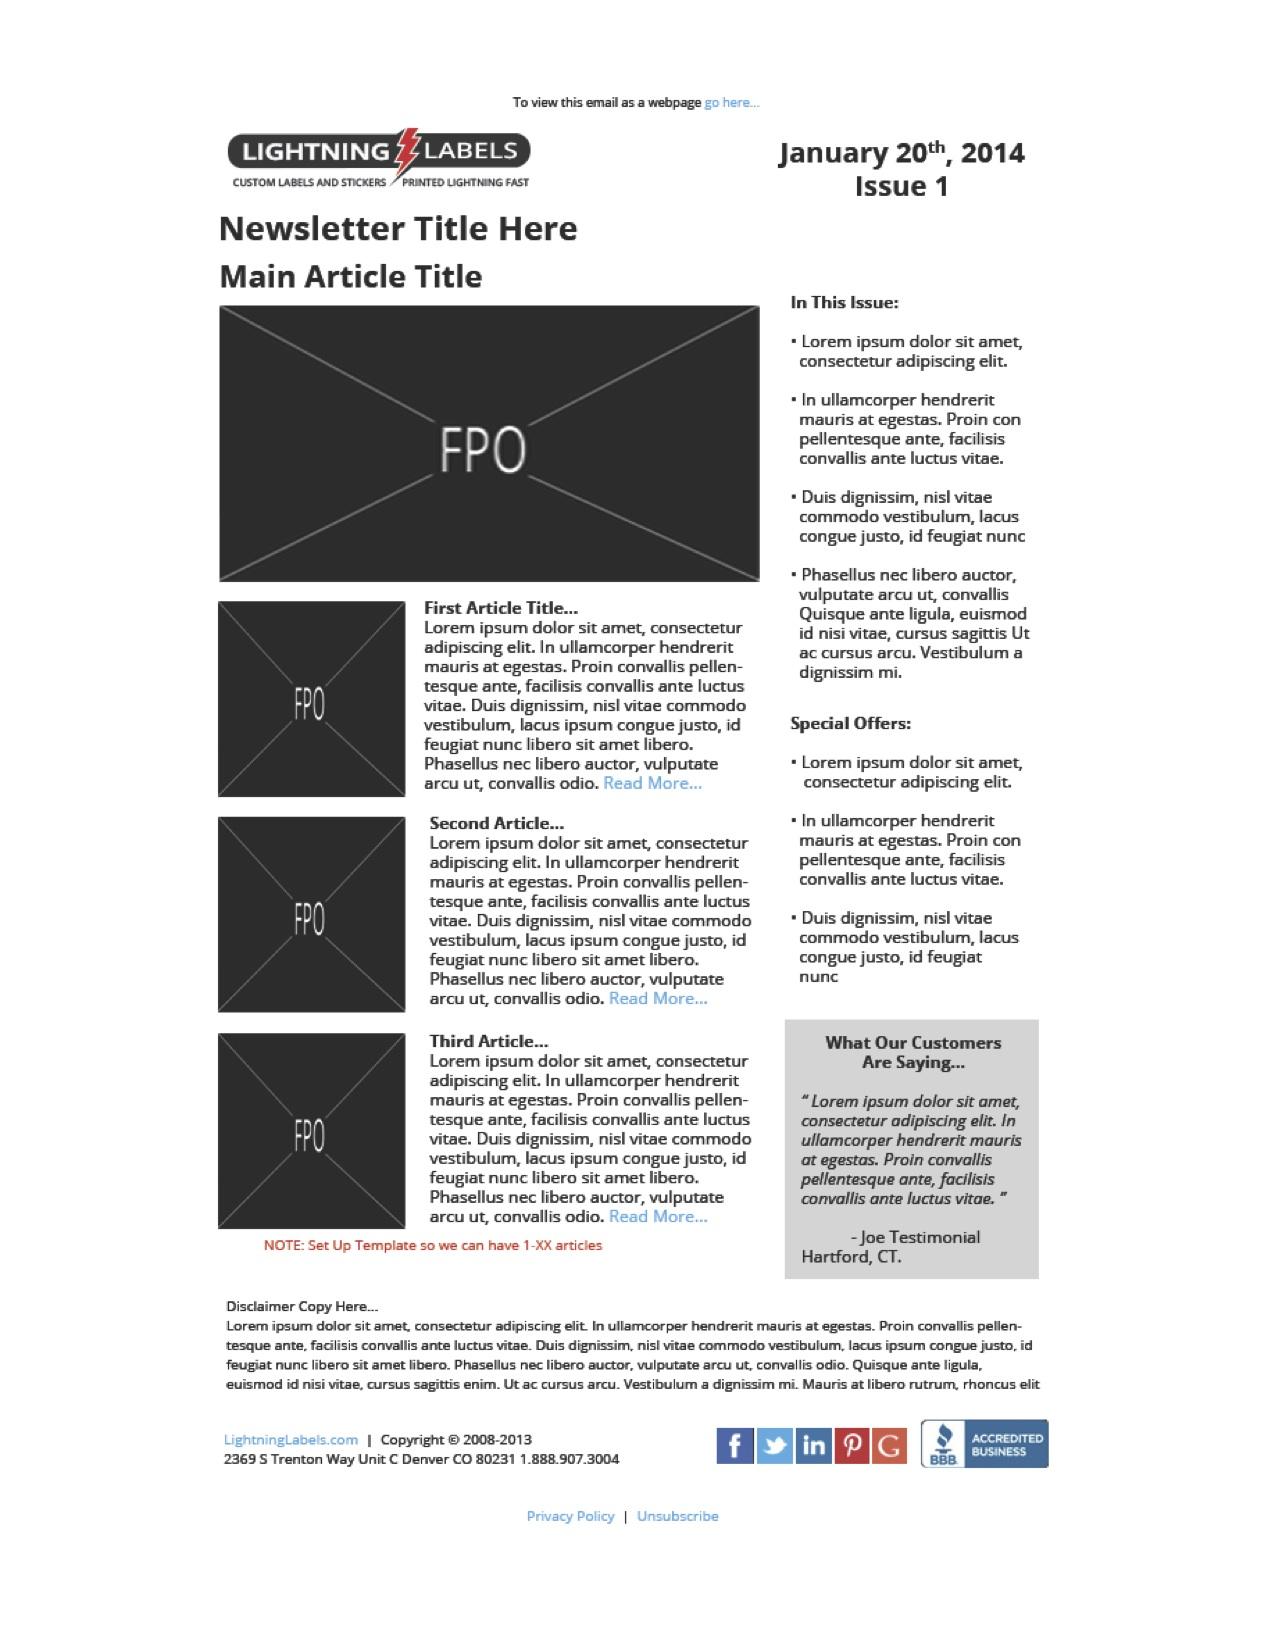 Newsletter Wireframe